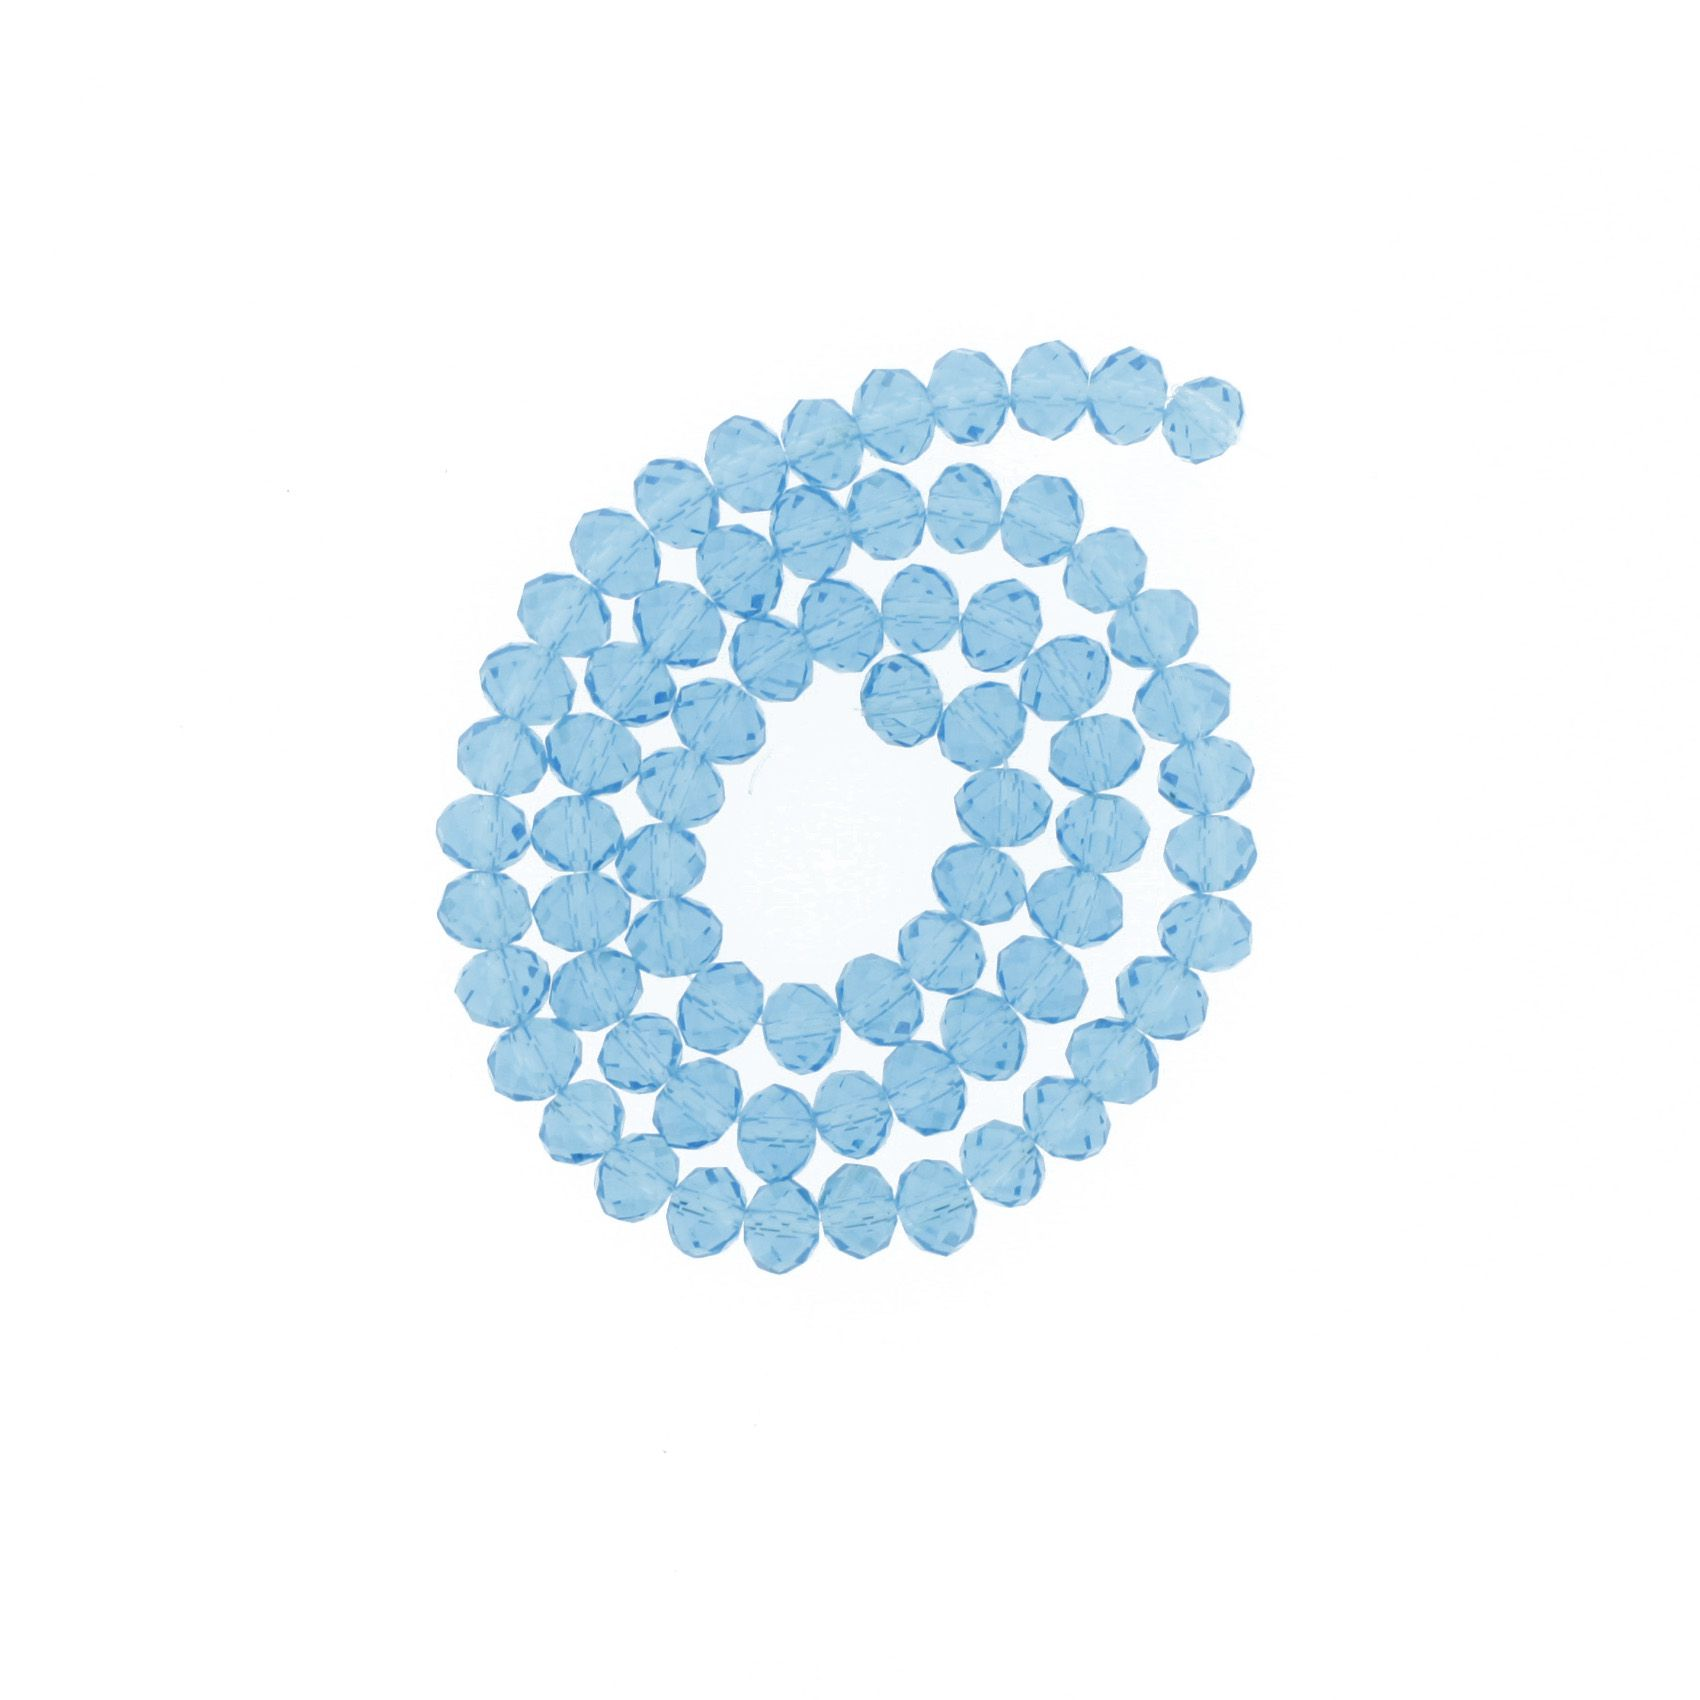 Fio de Cristal - Piatto® - Azul Claro Transparente - 8mm  - Universo Religioso® - Artigos de Umbanda e Candomblé